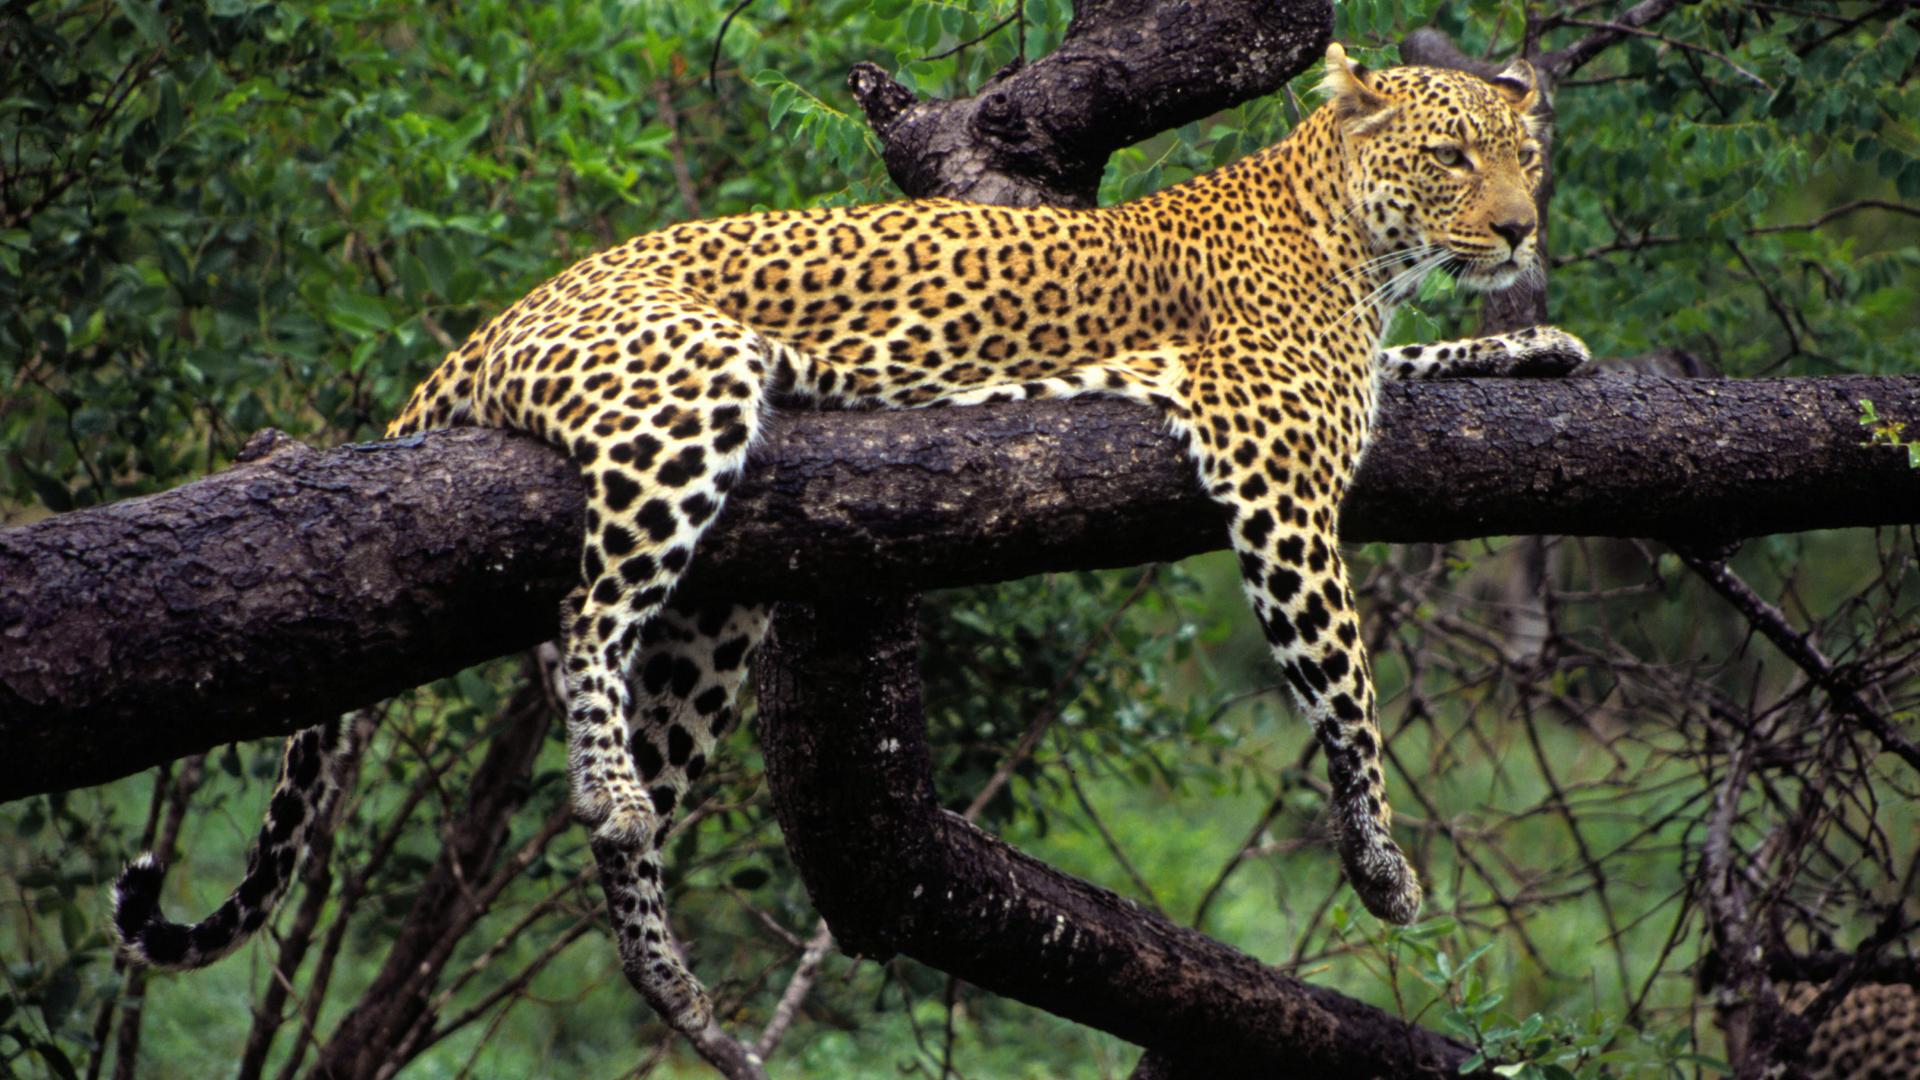 природа животные Гепарды камни трава дерево горизонт  № 276760 бесплатно